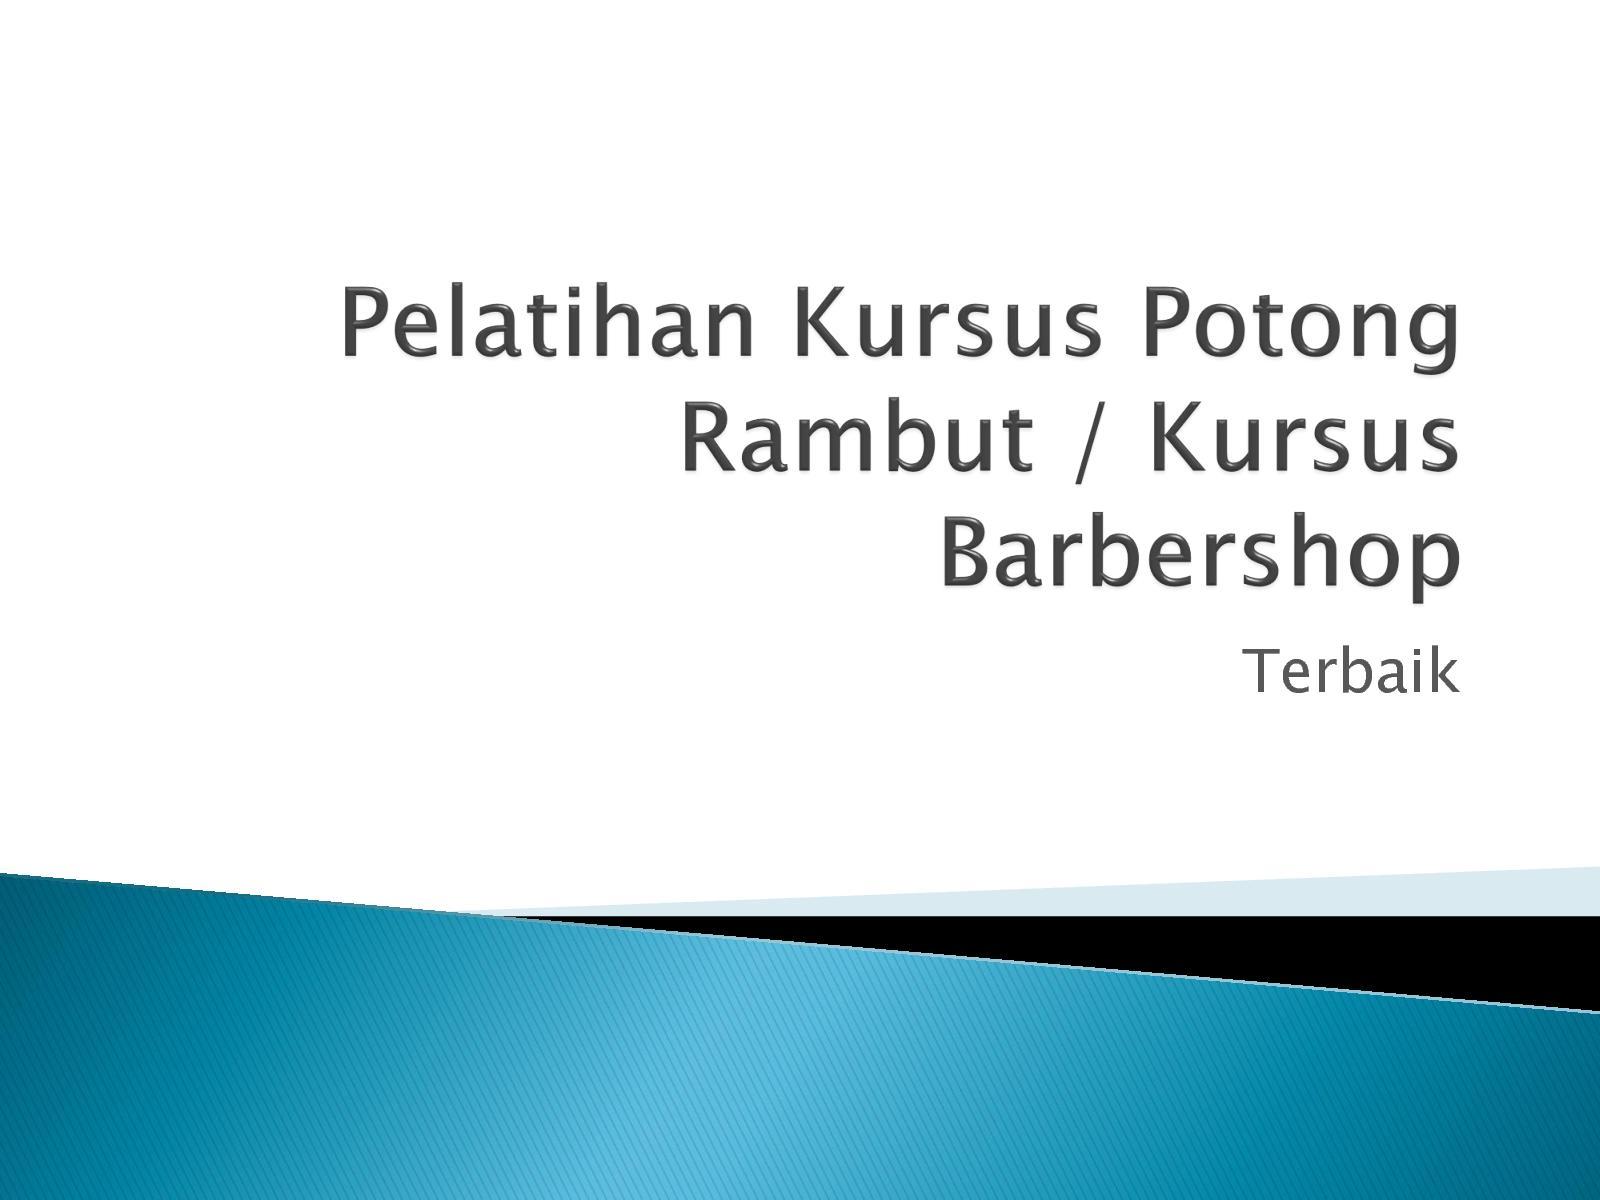 Calaméo -   Kursus Potong Rambut Di Jogja Solo Semarang Murah a2a64c46cd